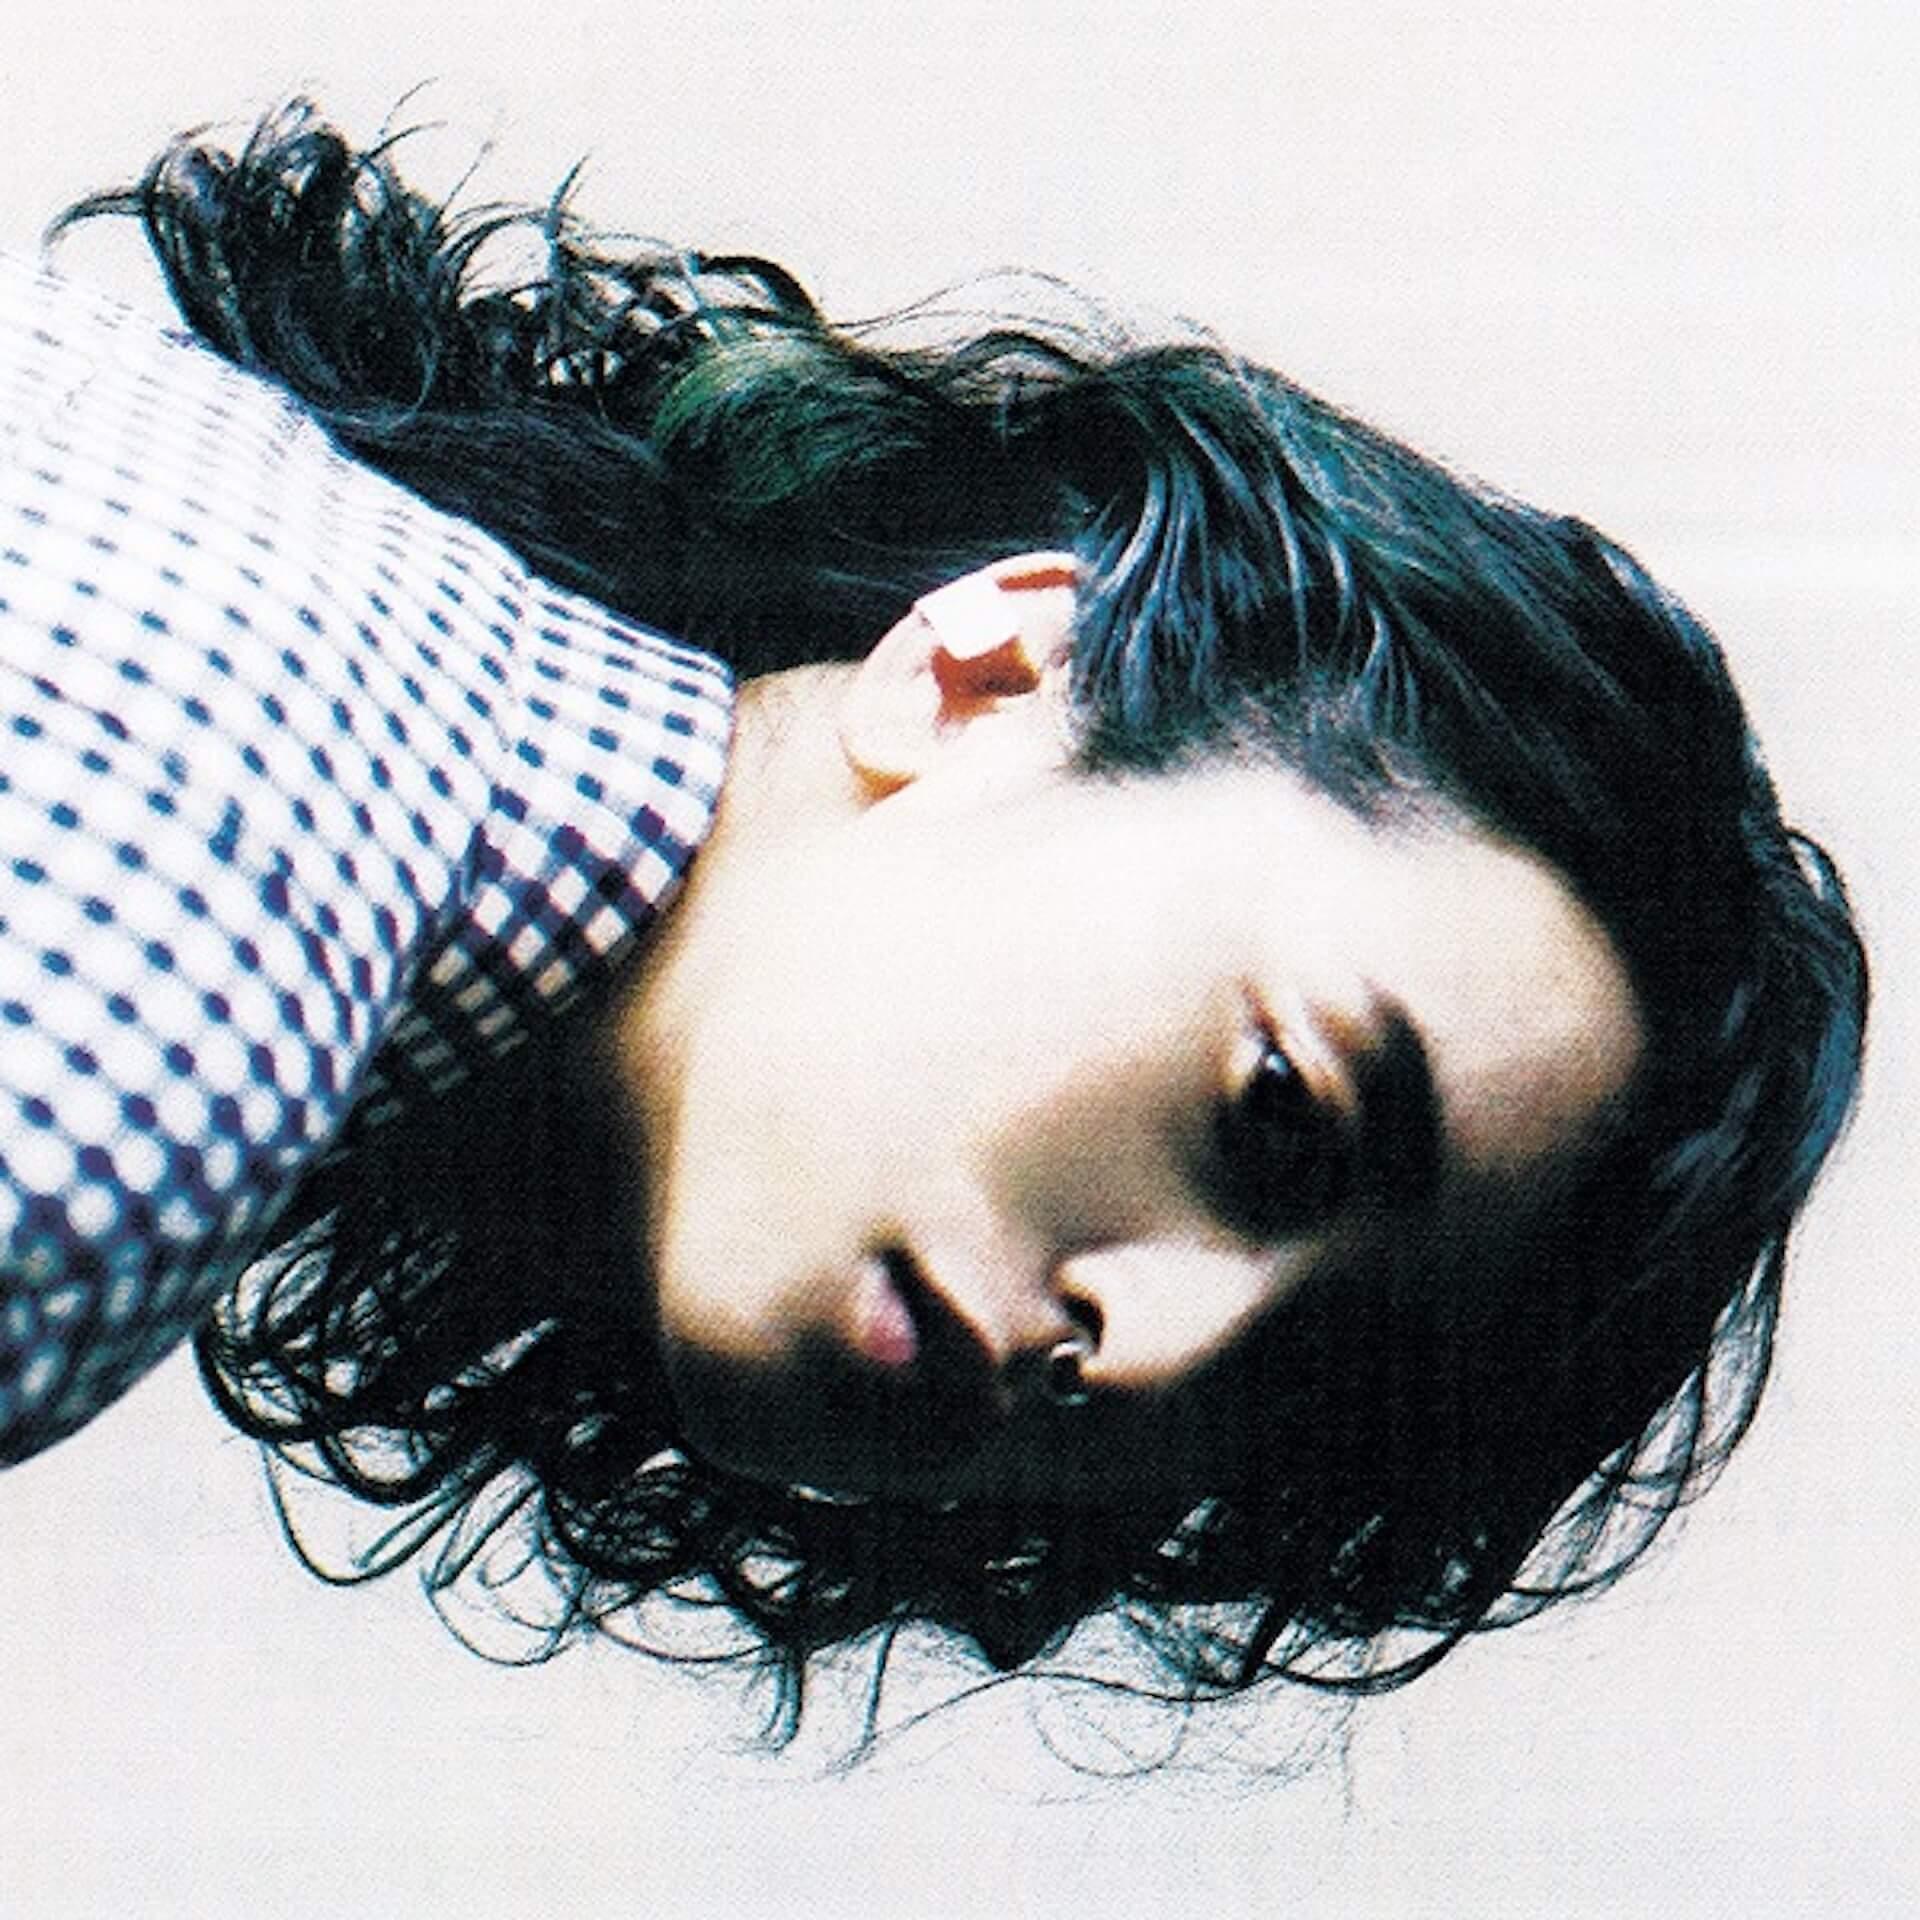 角銅真実、メジャー1stアルバム『oar』をリリース|折坂悠太、原田知世、伊藤ゴローら著名アーティストからのコメントも公開 music200122_kakudomanami_1